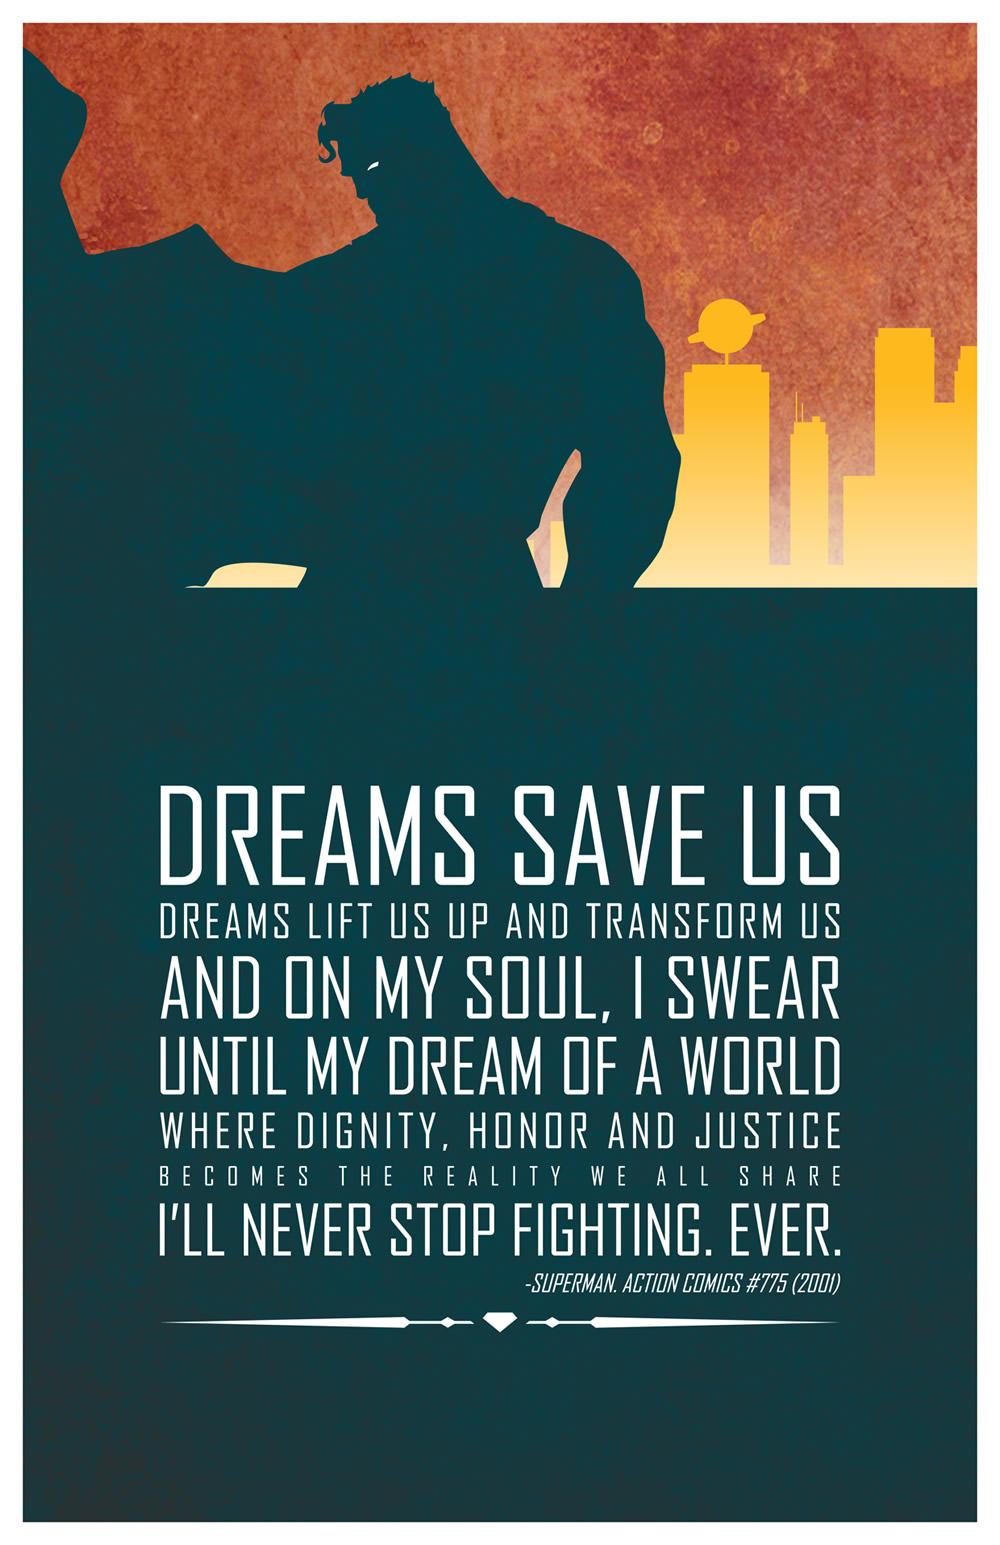 Superhero quote #4